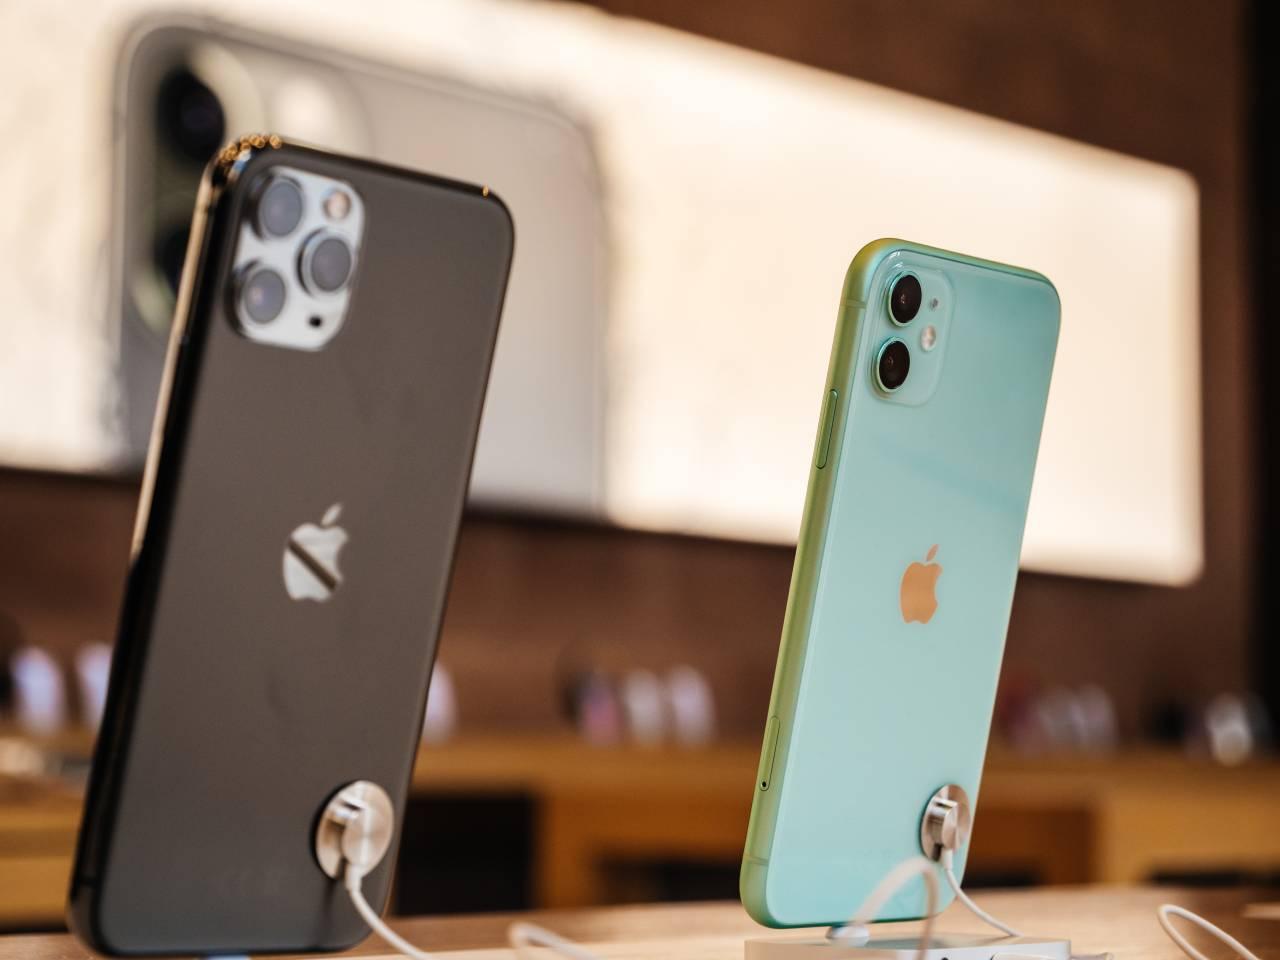 Modelos do iPhone 11 em exposição